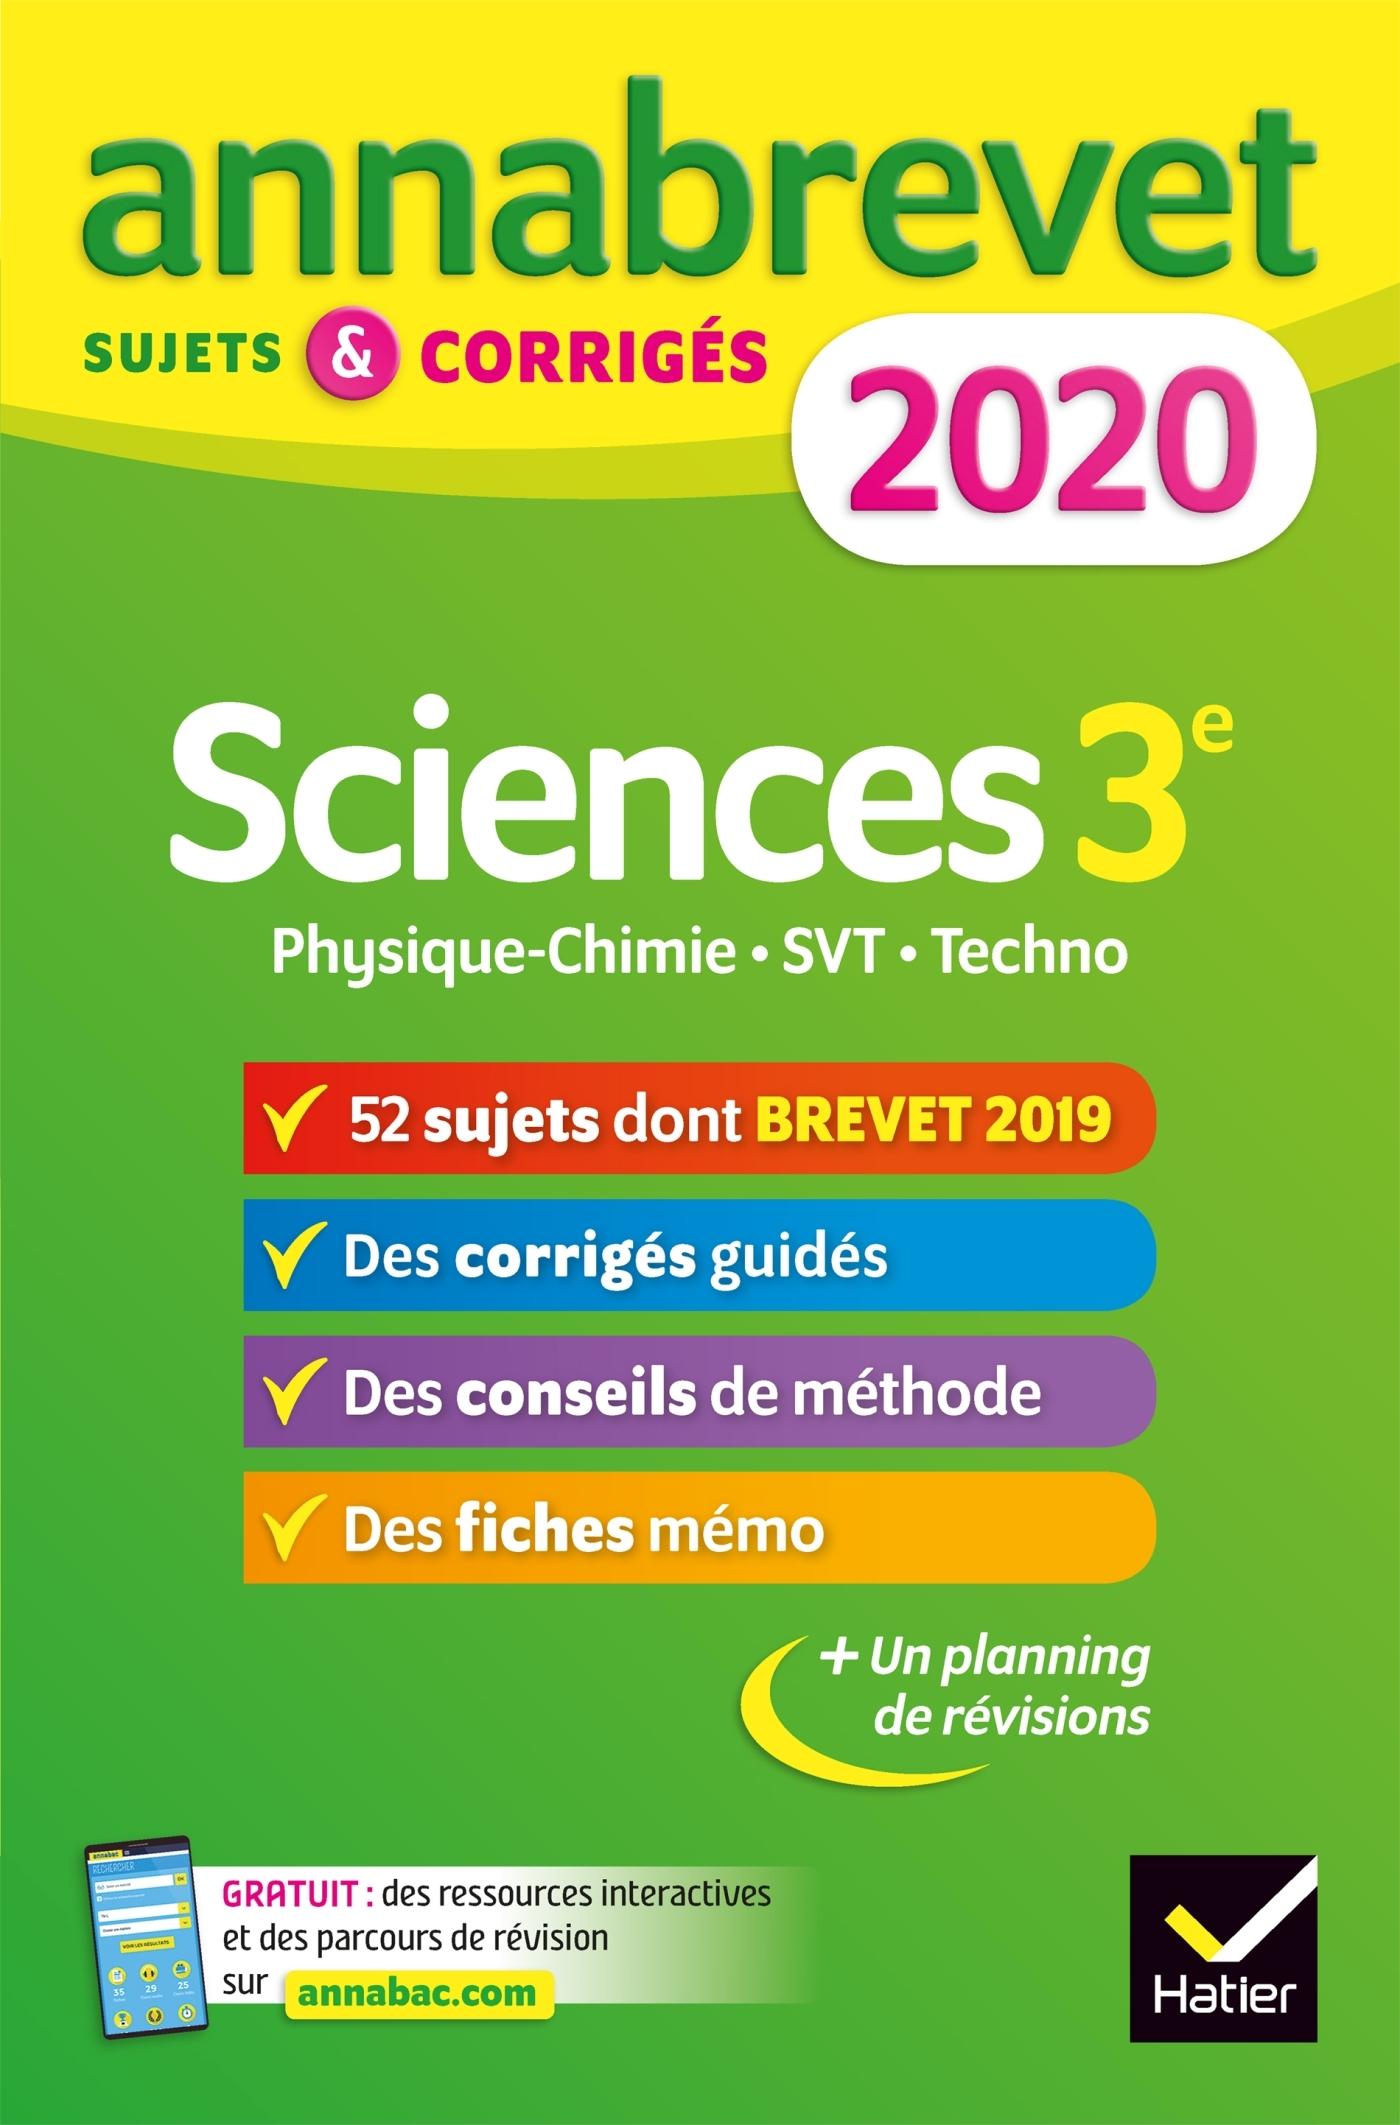 ANNALES DU BREVET ANNABREVET 2020 SCIENCES (PHYSIQUE-CHIMIE SVT TECHNOLOGIE) 3E - 54 SUJETS CORR